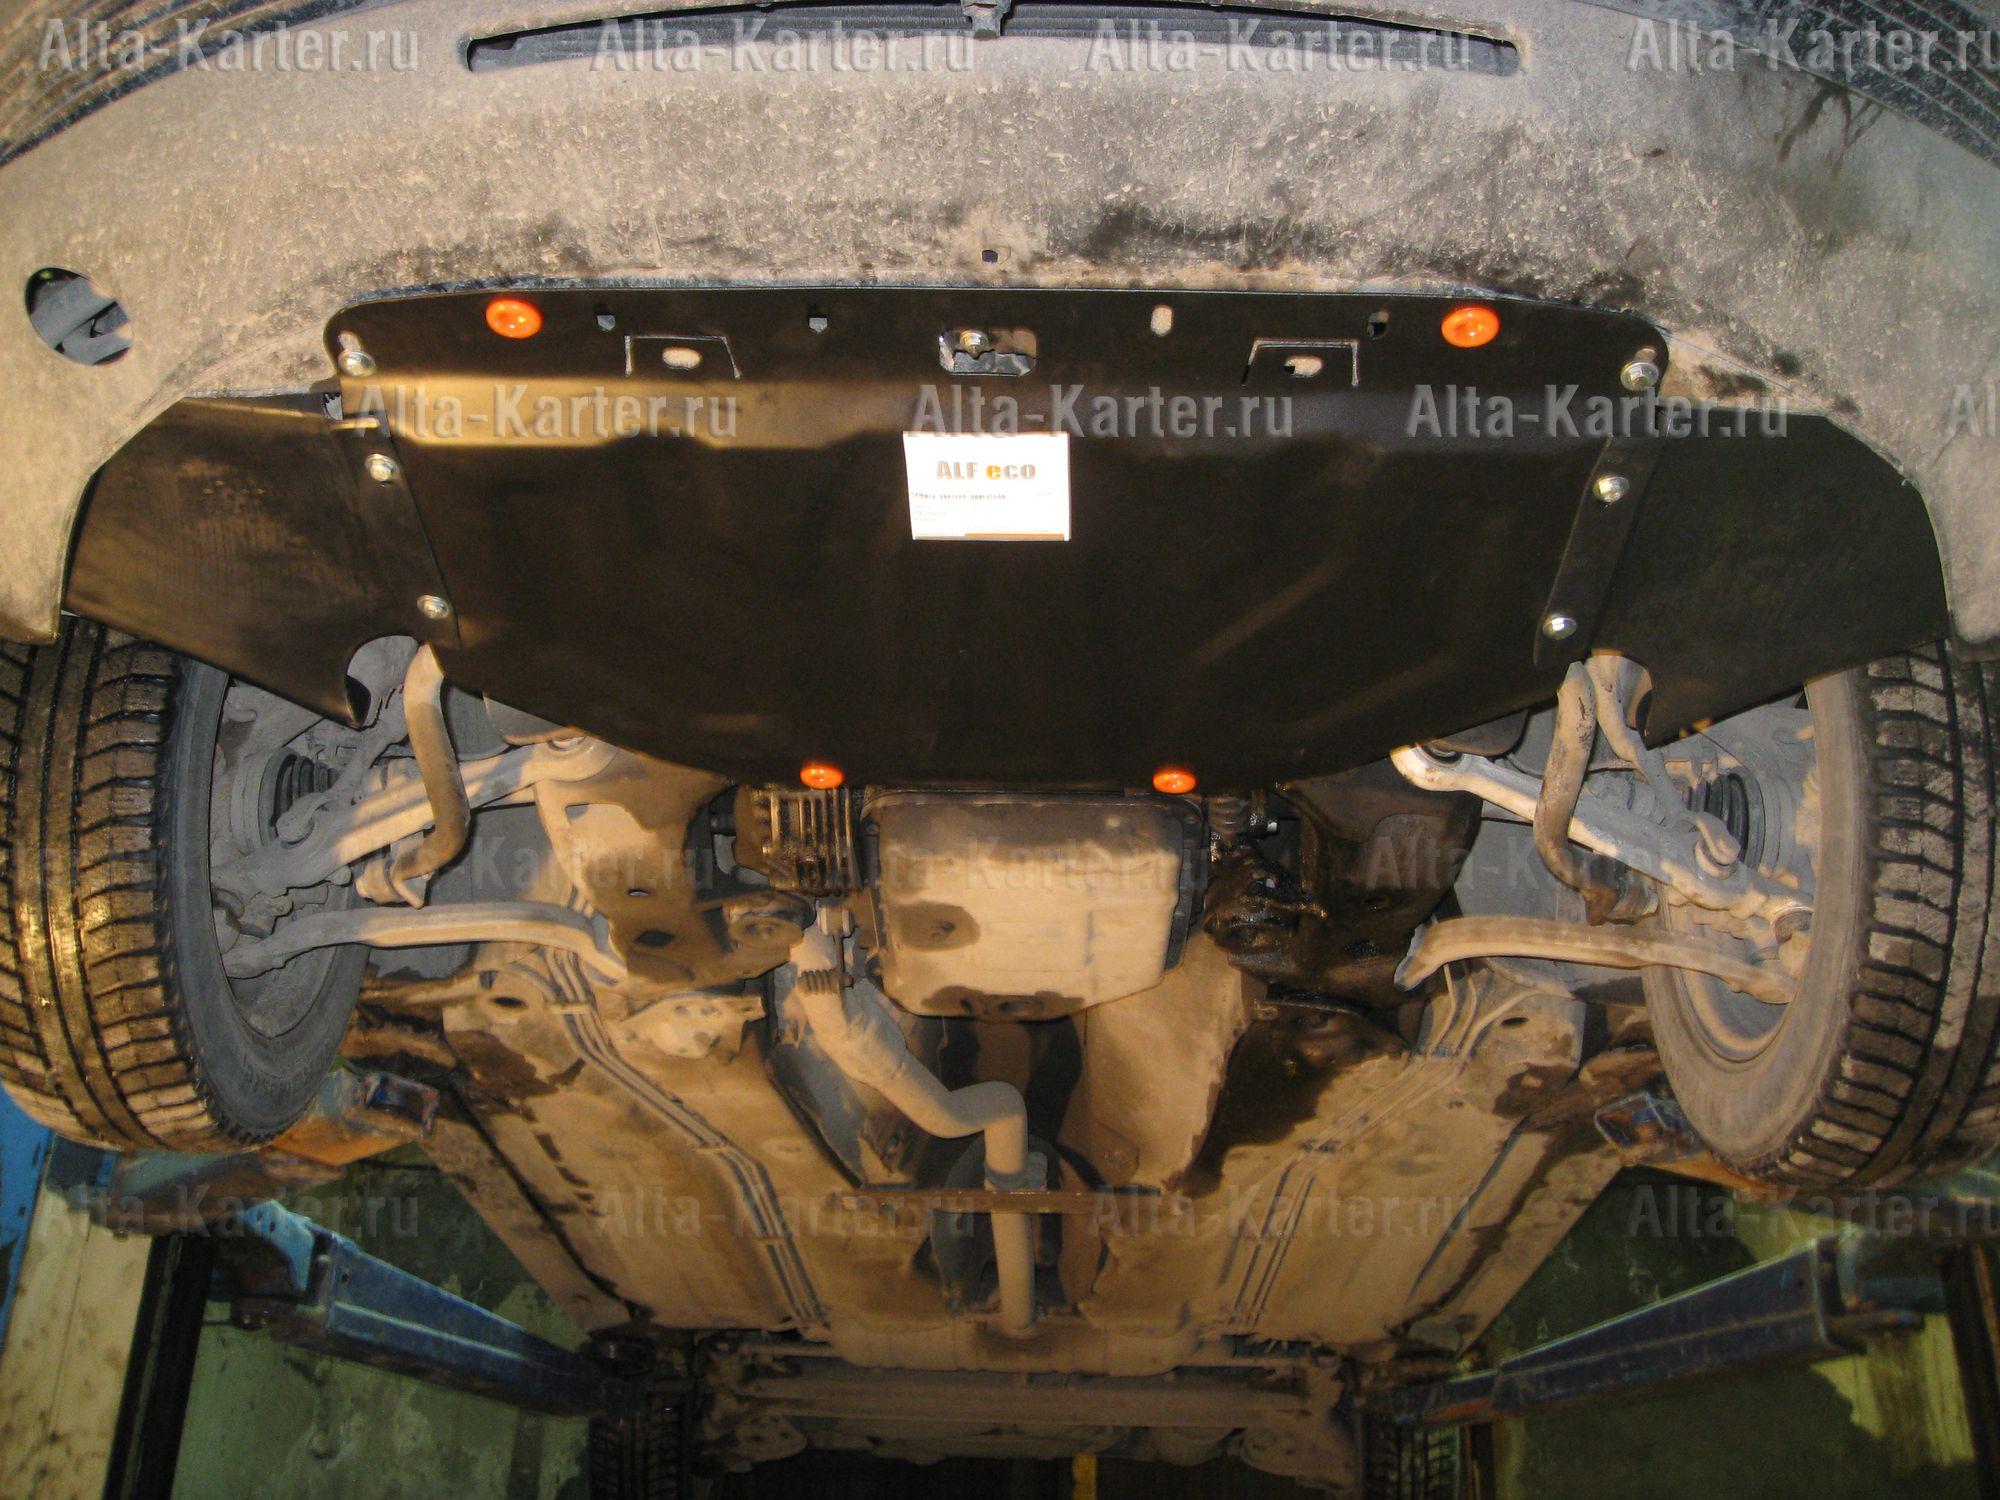 Защита Alfeco для картера Audi A6 С5 1997-2005. Артикул ALF.26.08 st